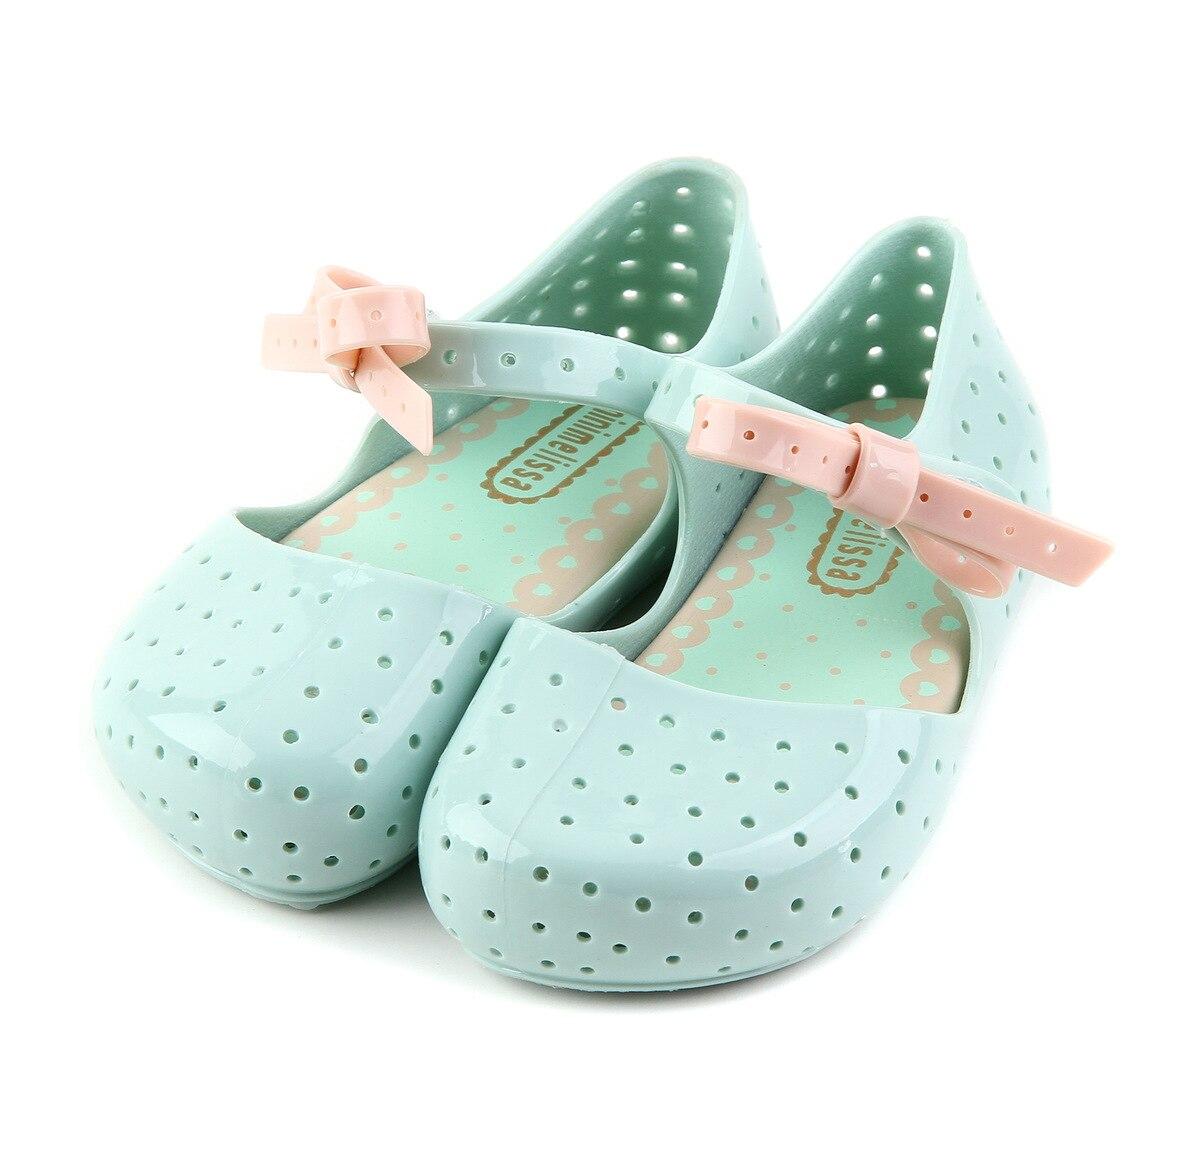 ccc0bc826979 Mini-Melissa-Children-Fashion-Summer-Kids-Casual-Hollow-Dot-Bow-Cute- Princess-Princess-Beach-Clogs-Mules.jpg